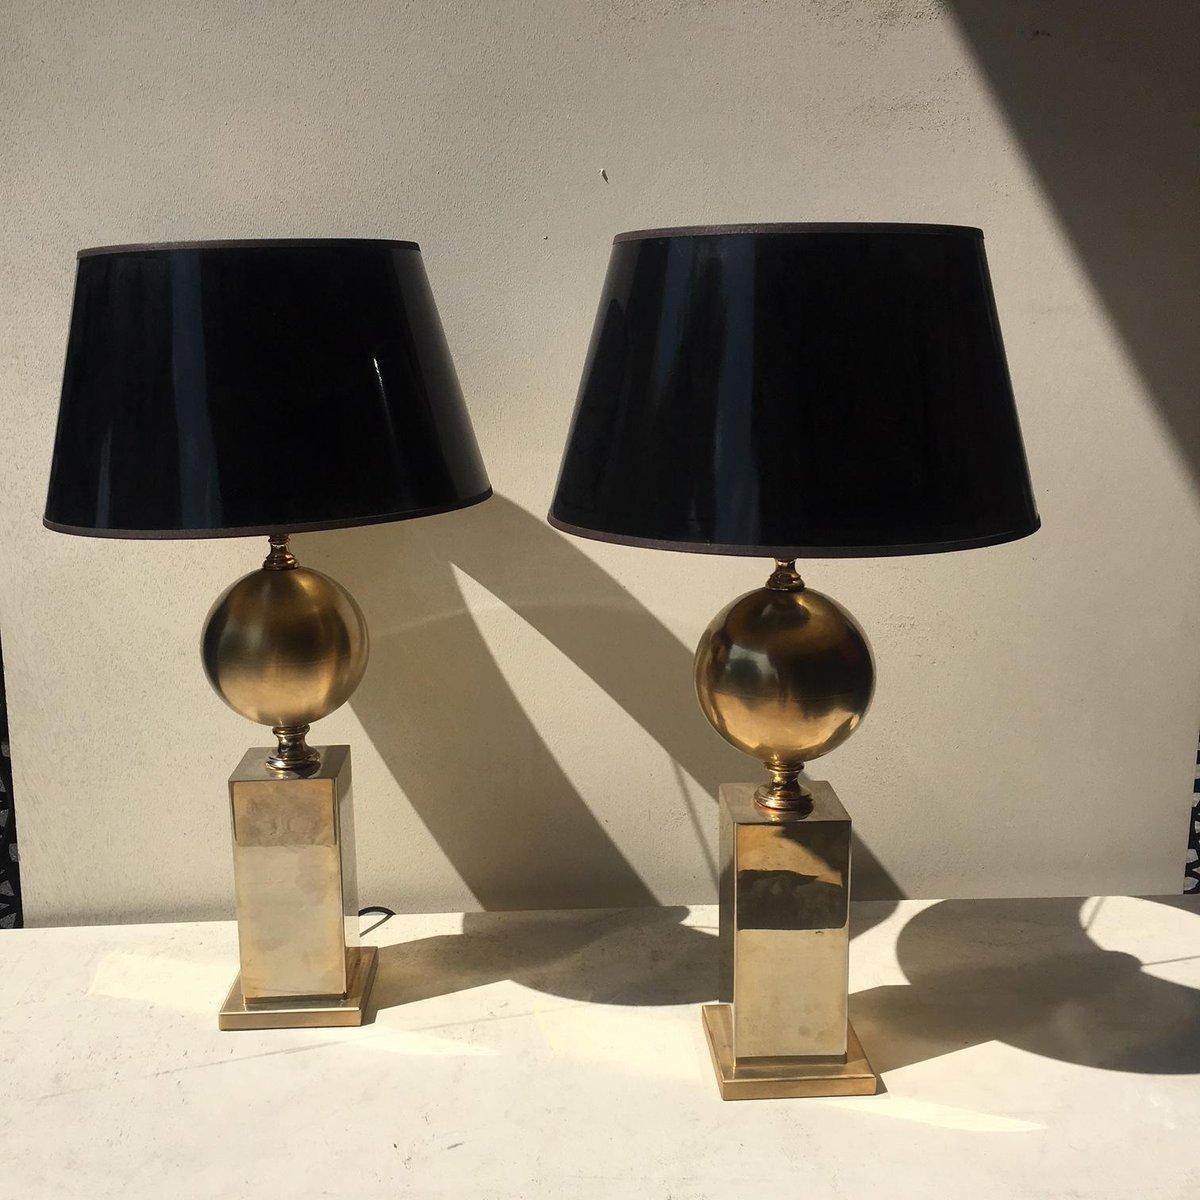 Vintage lampen von barbier fr res 2er set bei pamono kaufen for Vintage lampen